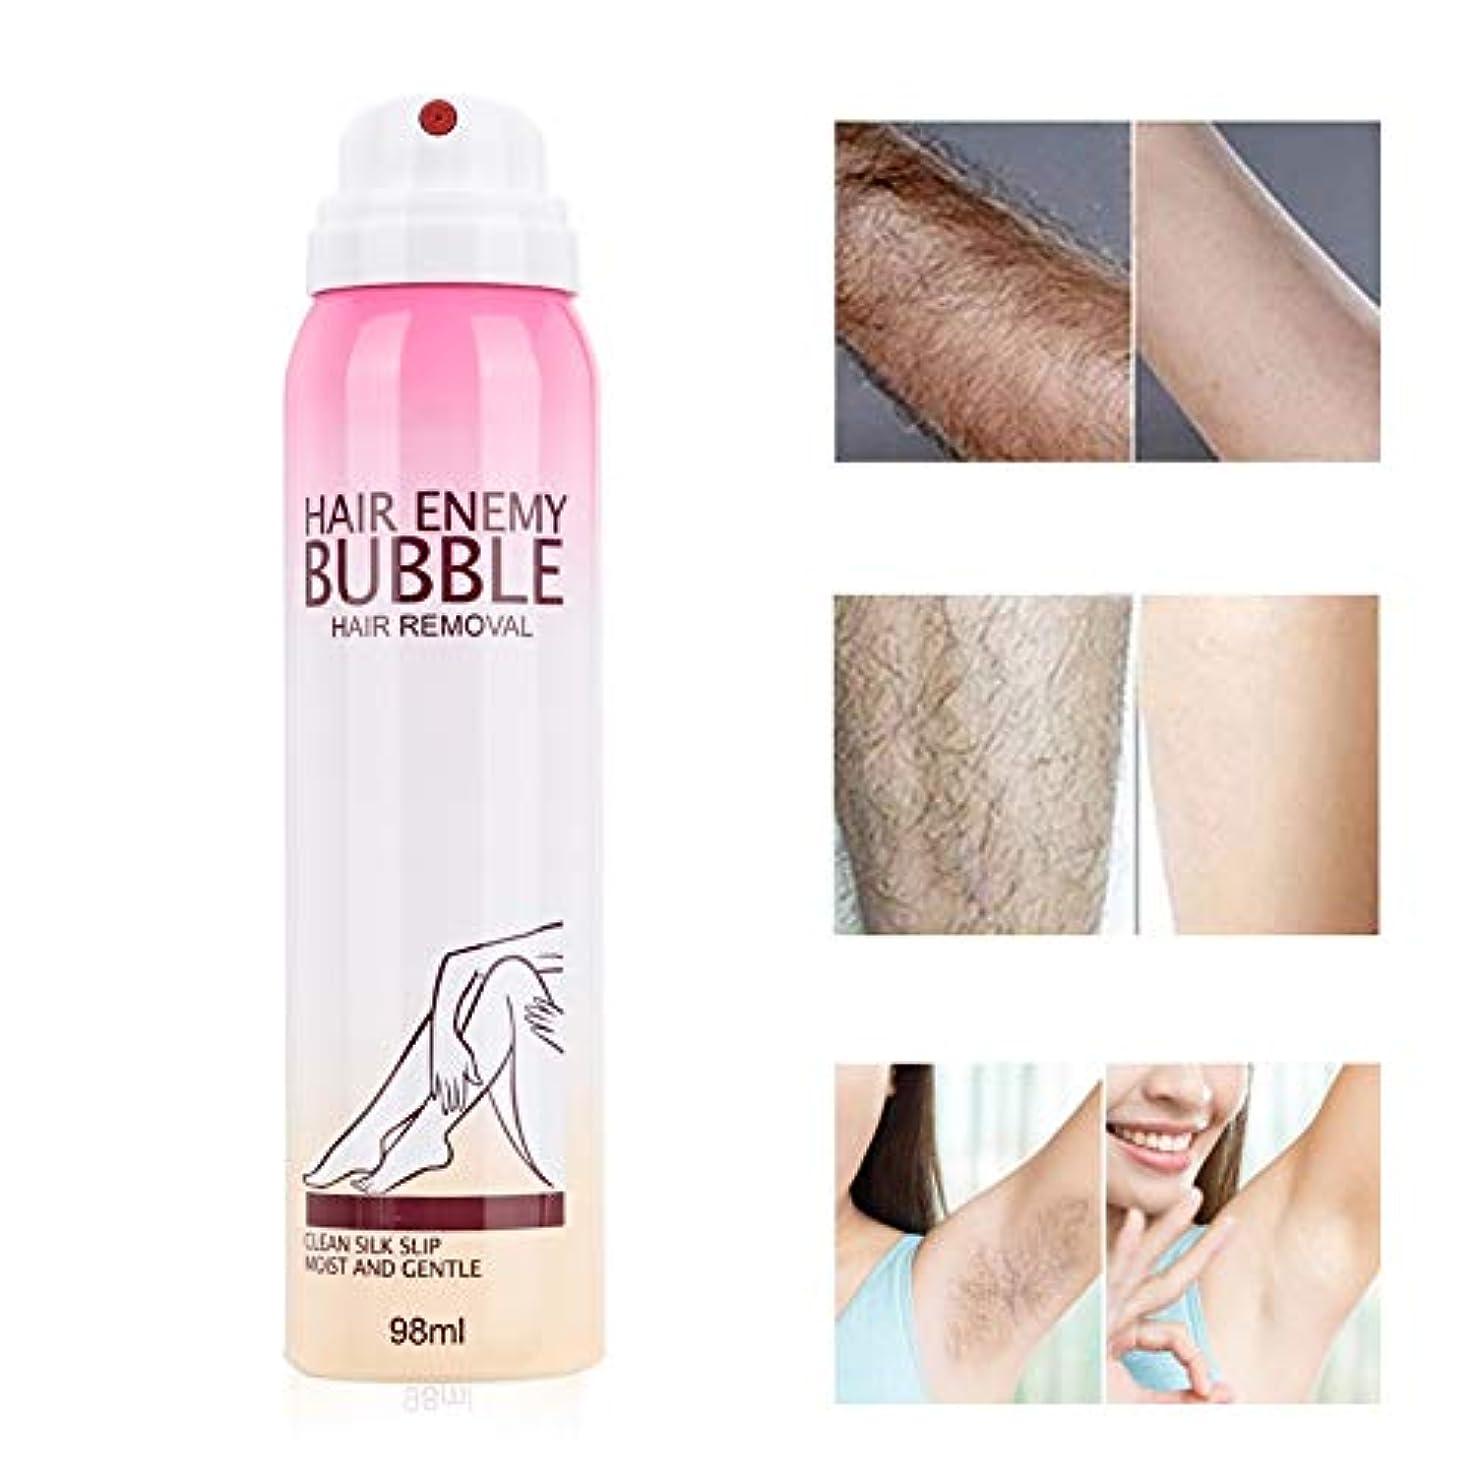 伝統的保存そのような泡毛除去クリーム、ナチュラル痛みのない肌にやさしいソフトと長続きがする女性のためのヘアリムーバースプレー穏やかな脱毛スプレーフォームクリーム98ミリリットル